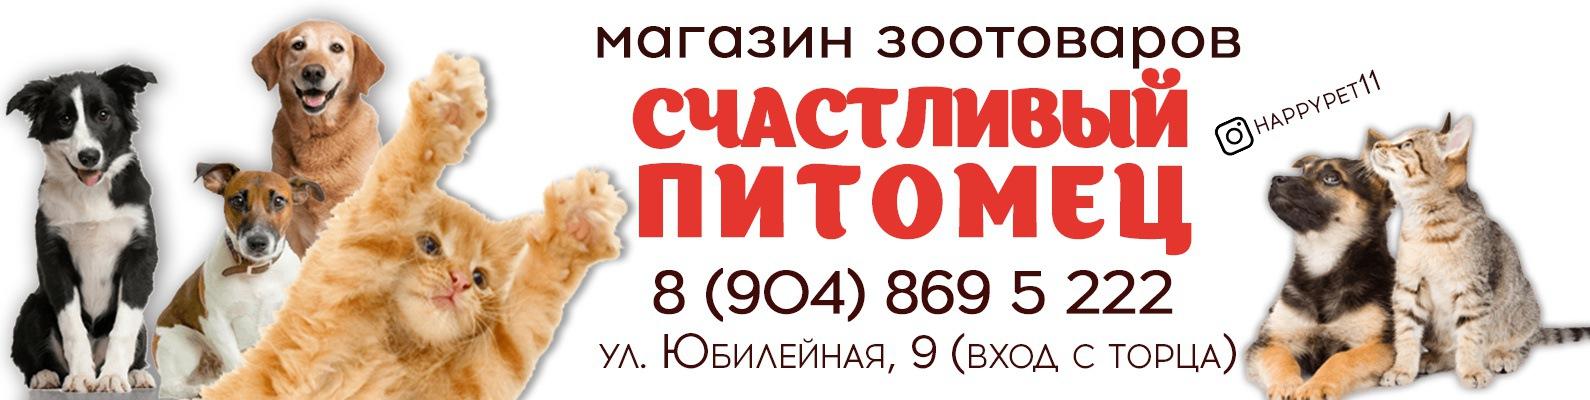 Реклама магазинов зоотоваров реклама и слоган хозяйственных товаров